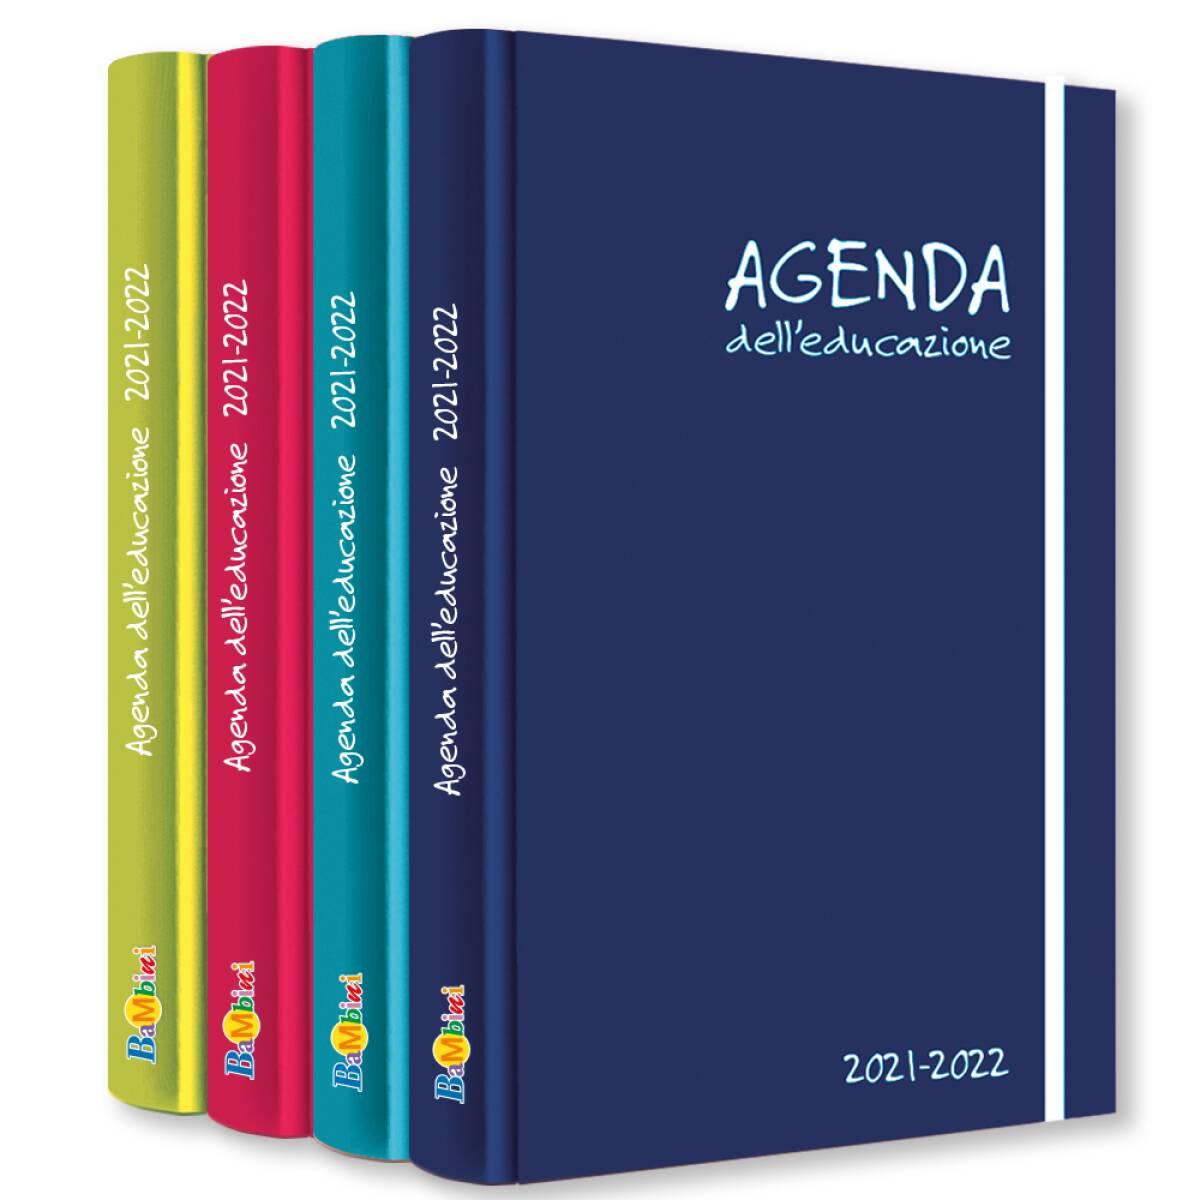 Agenda Dell'Educazione 2021/2022